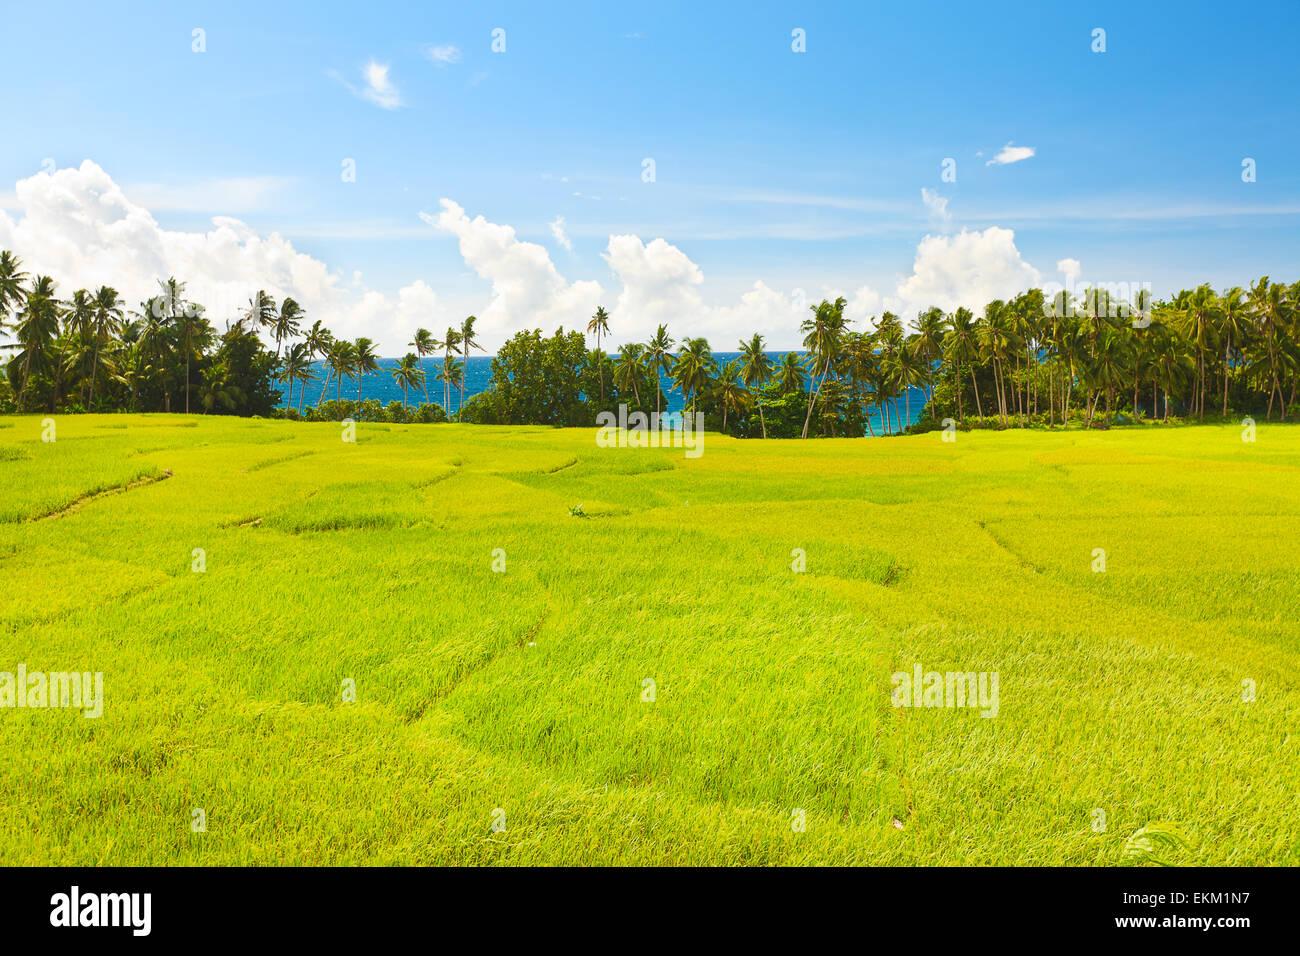 Champ de riz paddy. Mer sur l'arrière-plan Photo Stock